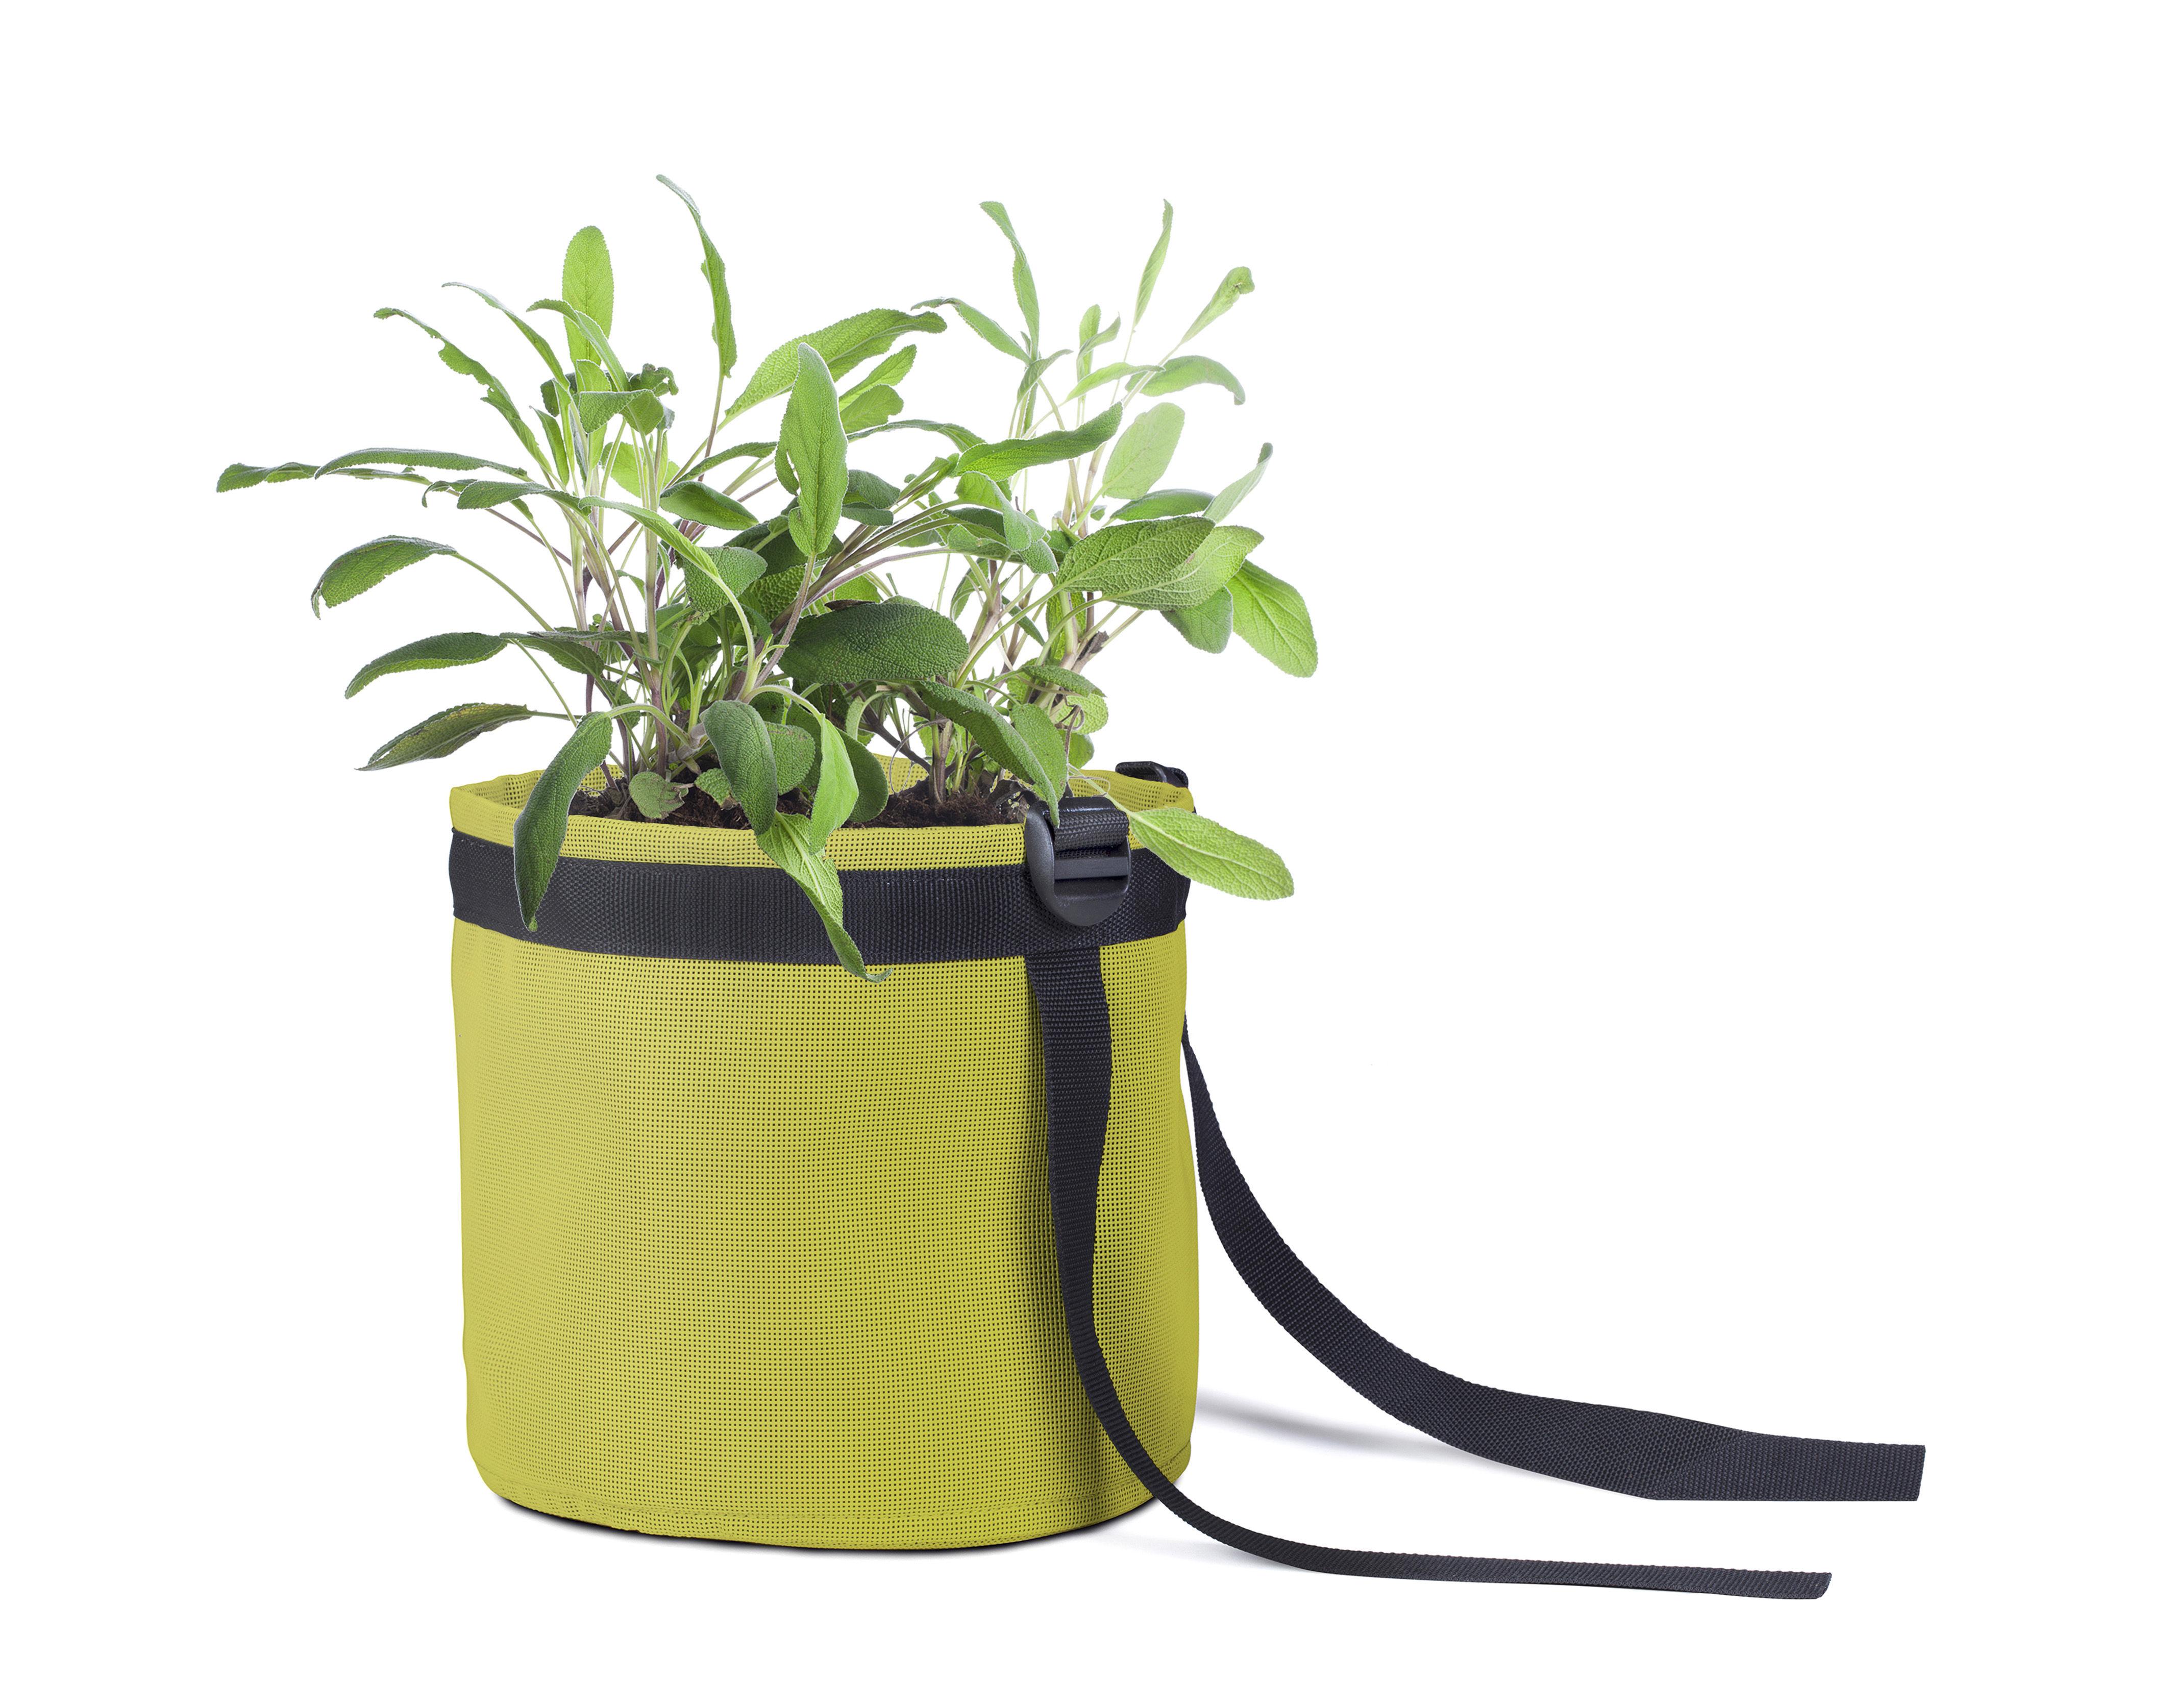 accroch batyline 10 l outdoorgeeignet bacsac blumentopf zum aufh ngen. Black Bedroom Furniture Sets. Home Design Ideas